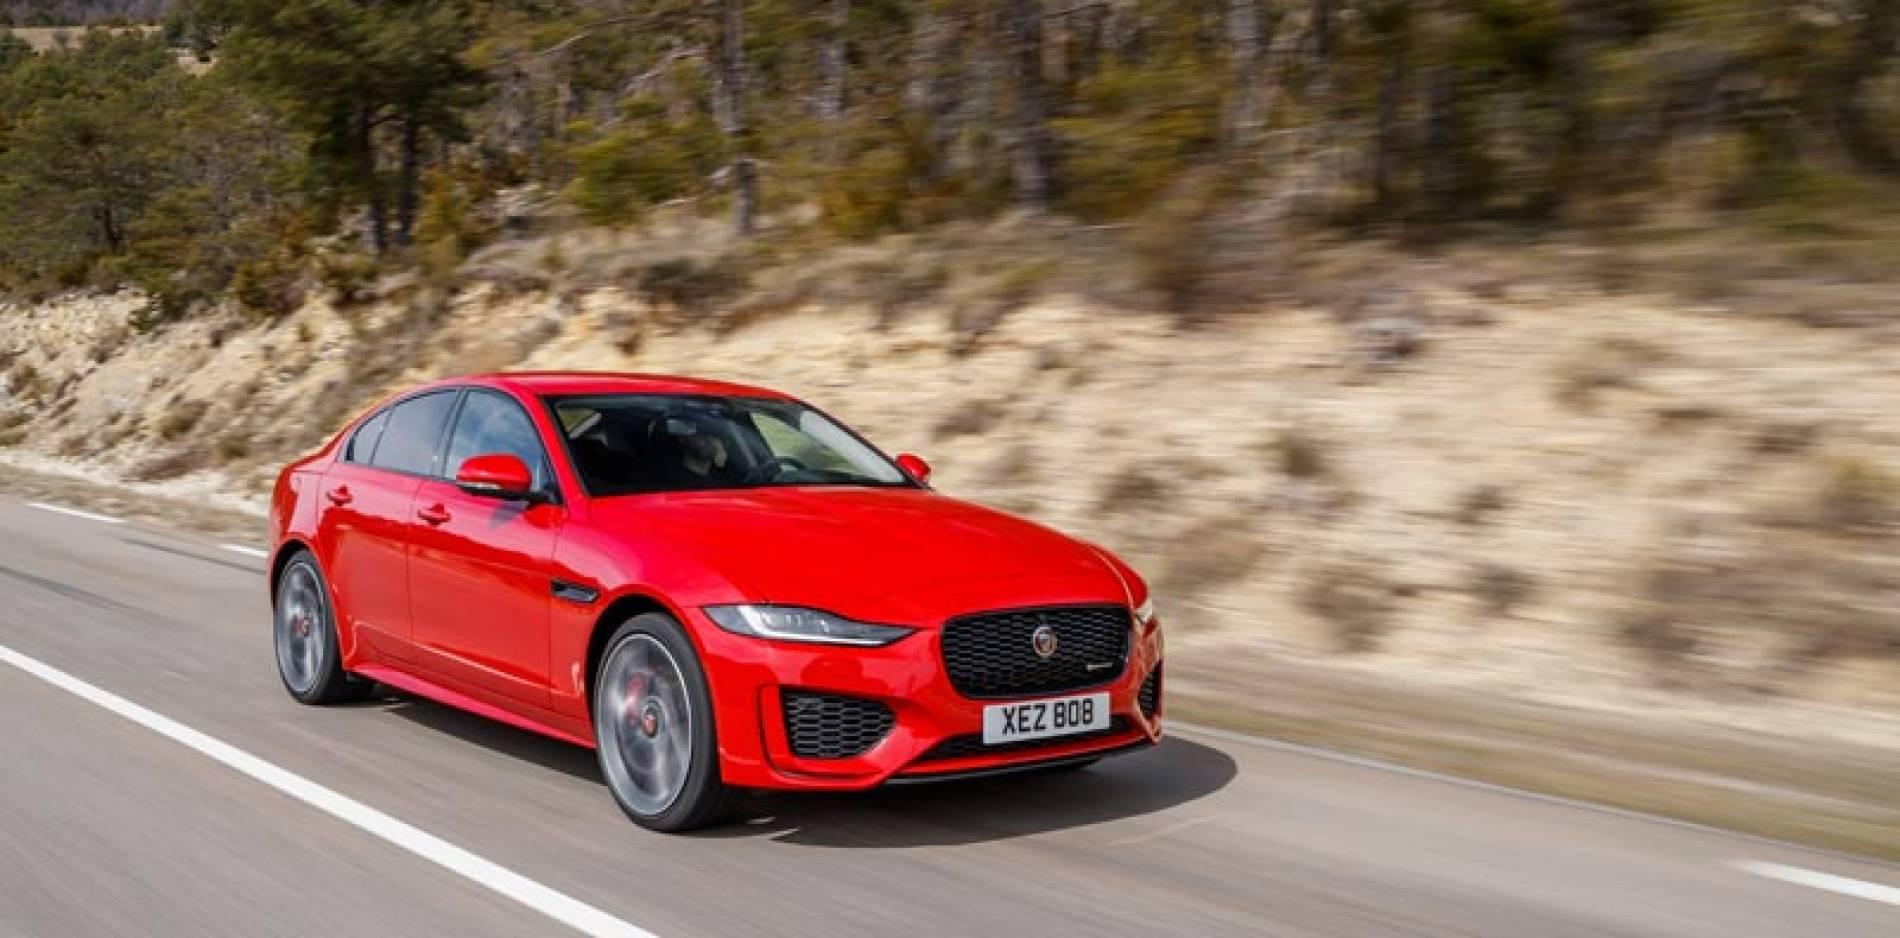 Probamos el nuevo Jaguar XE, la rejuvenecida berlina británica